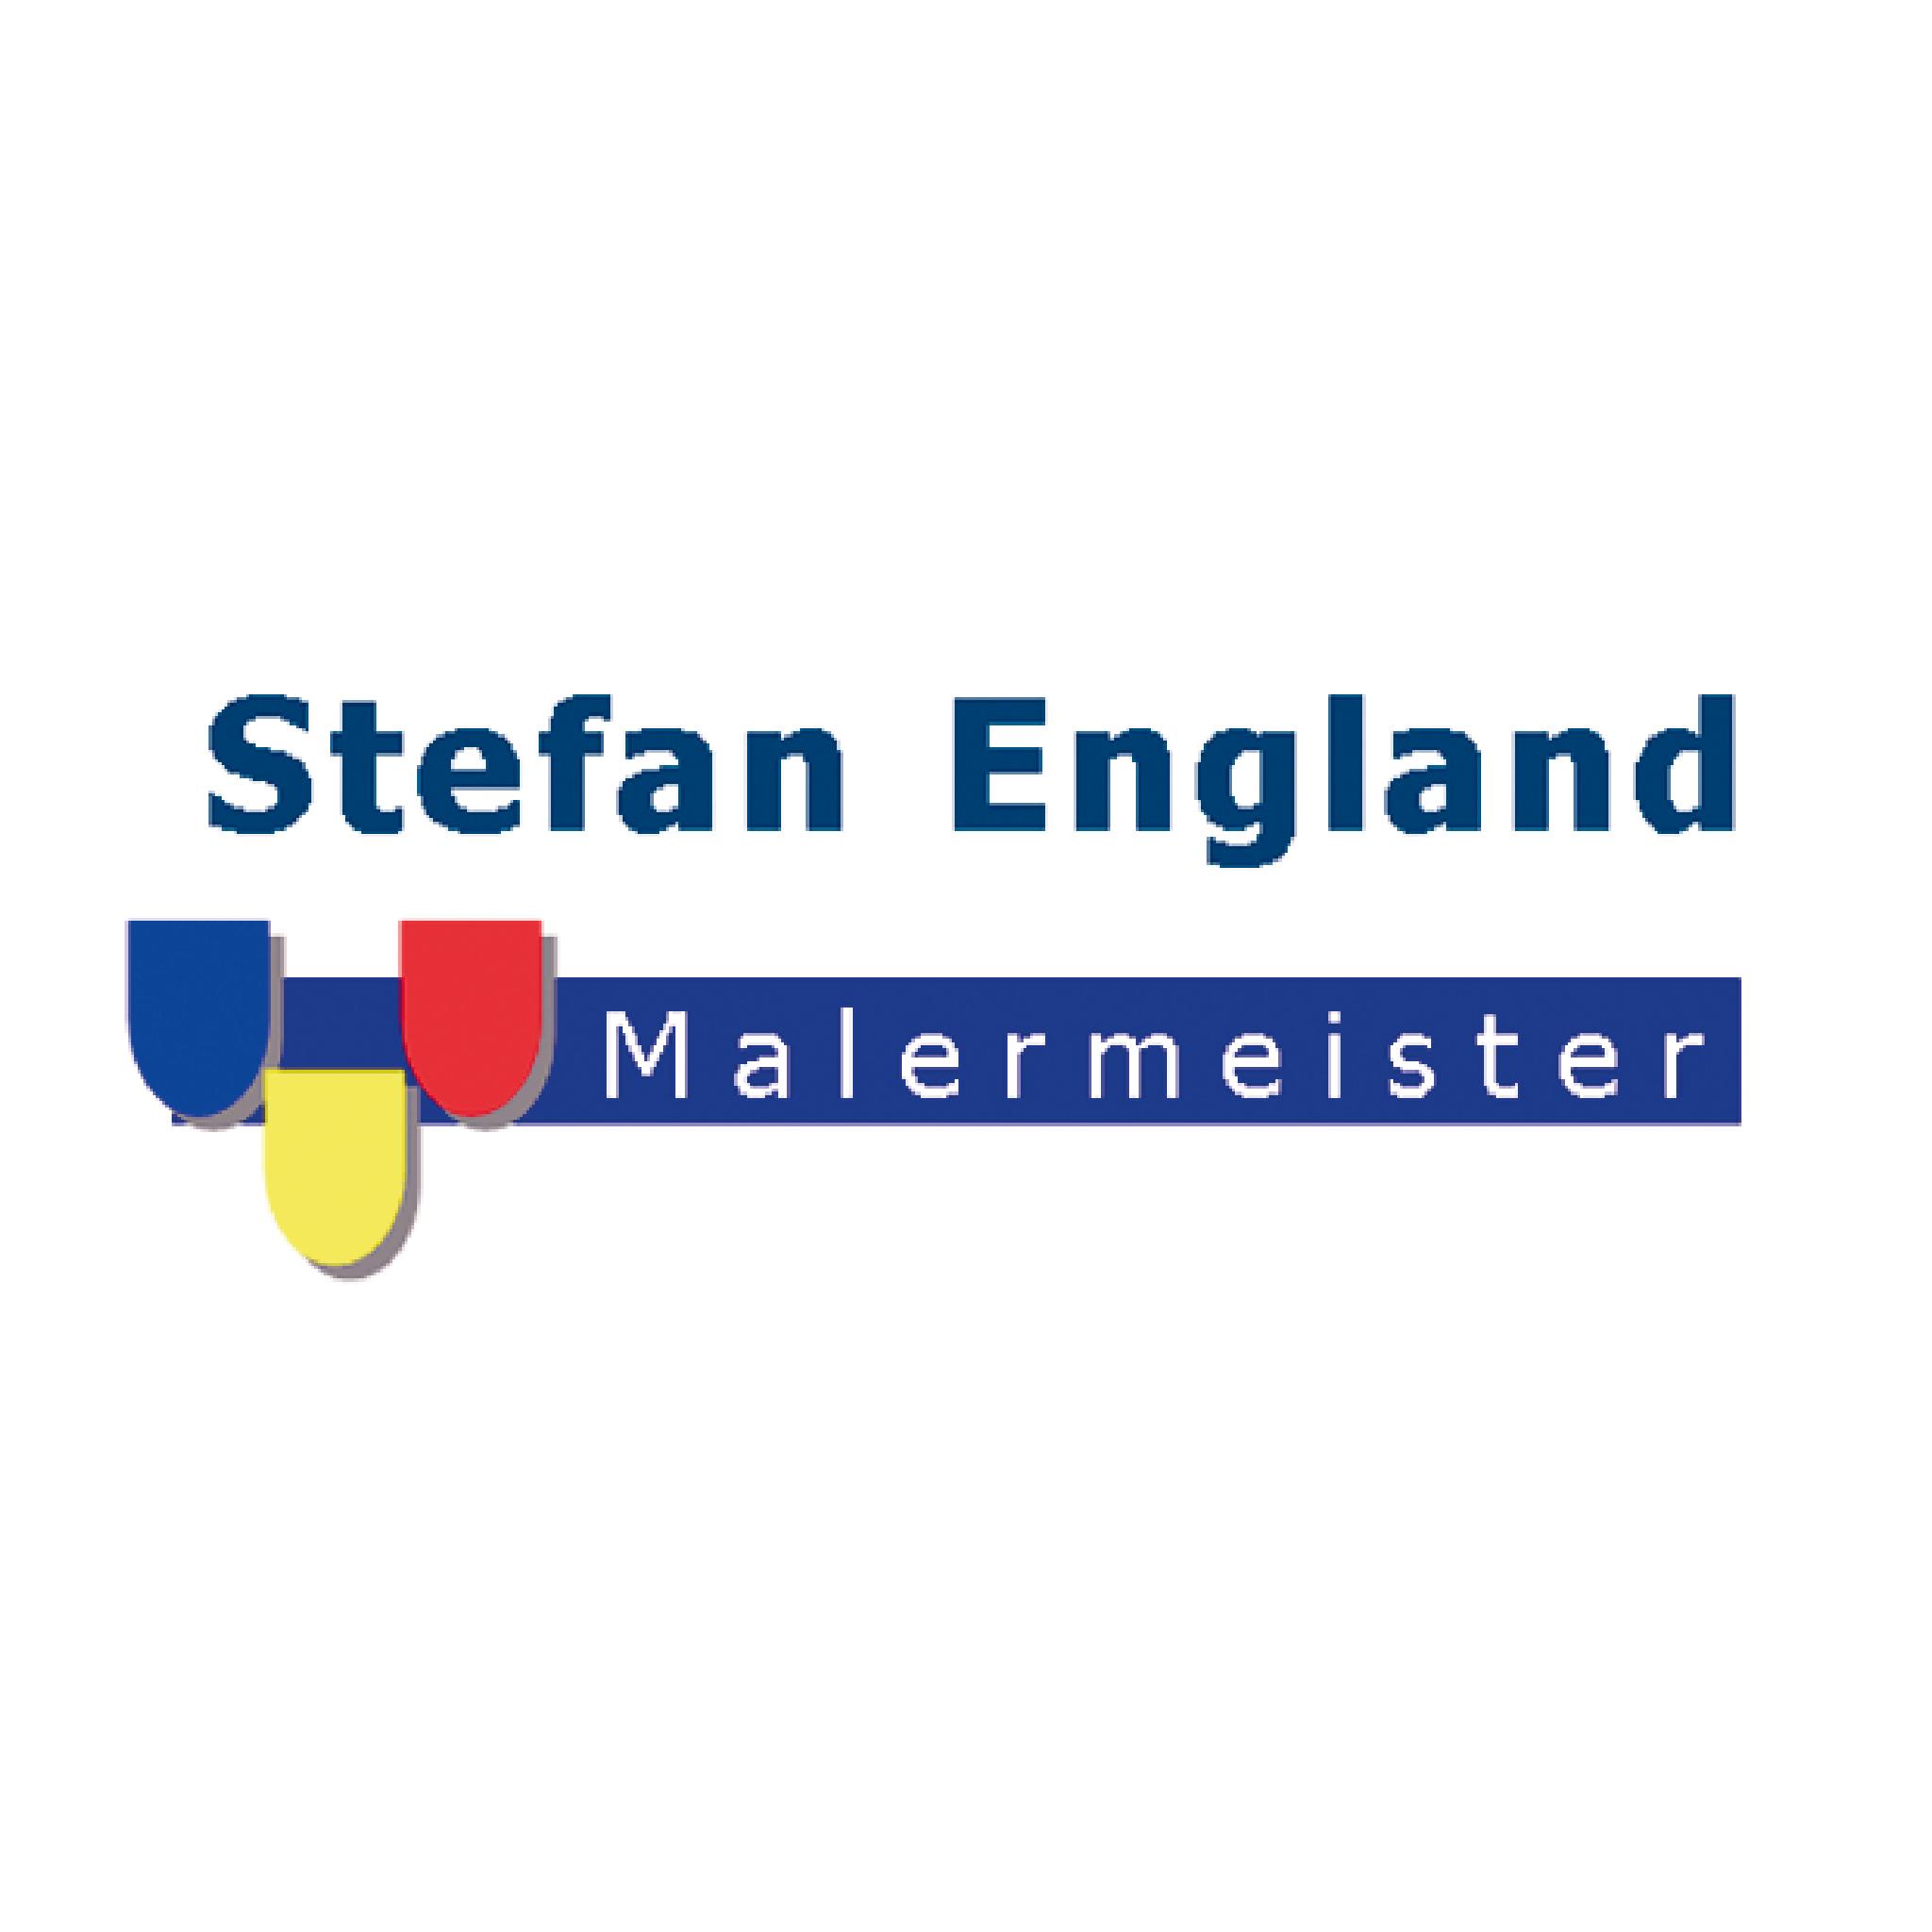 Stefan England